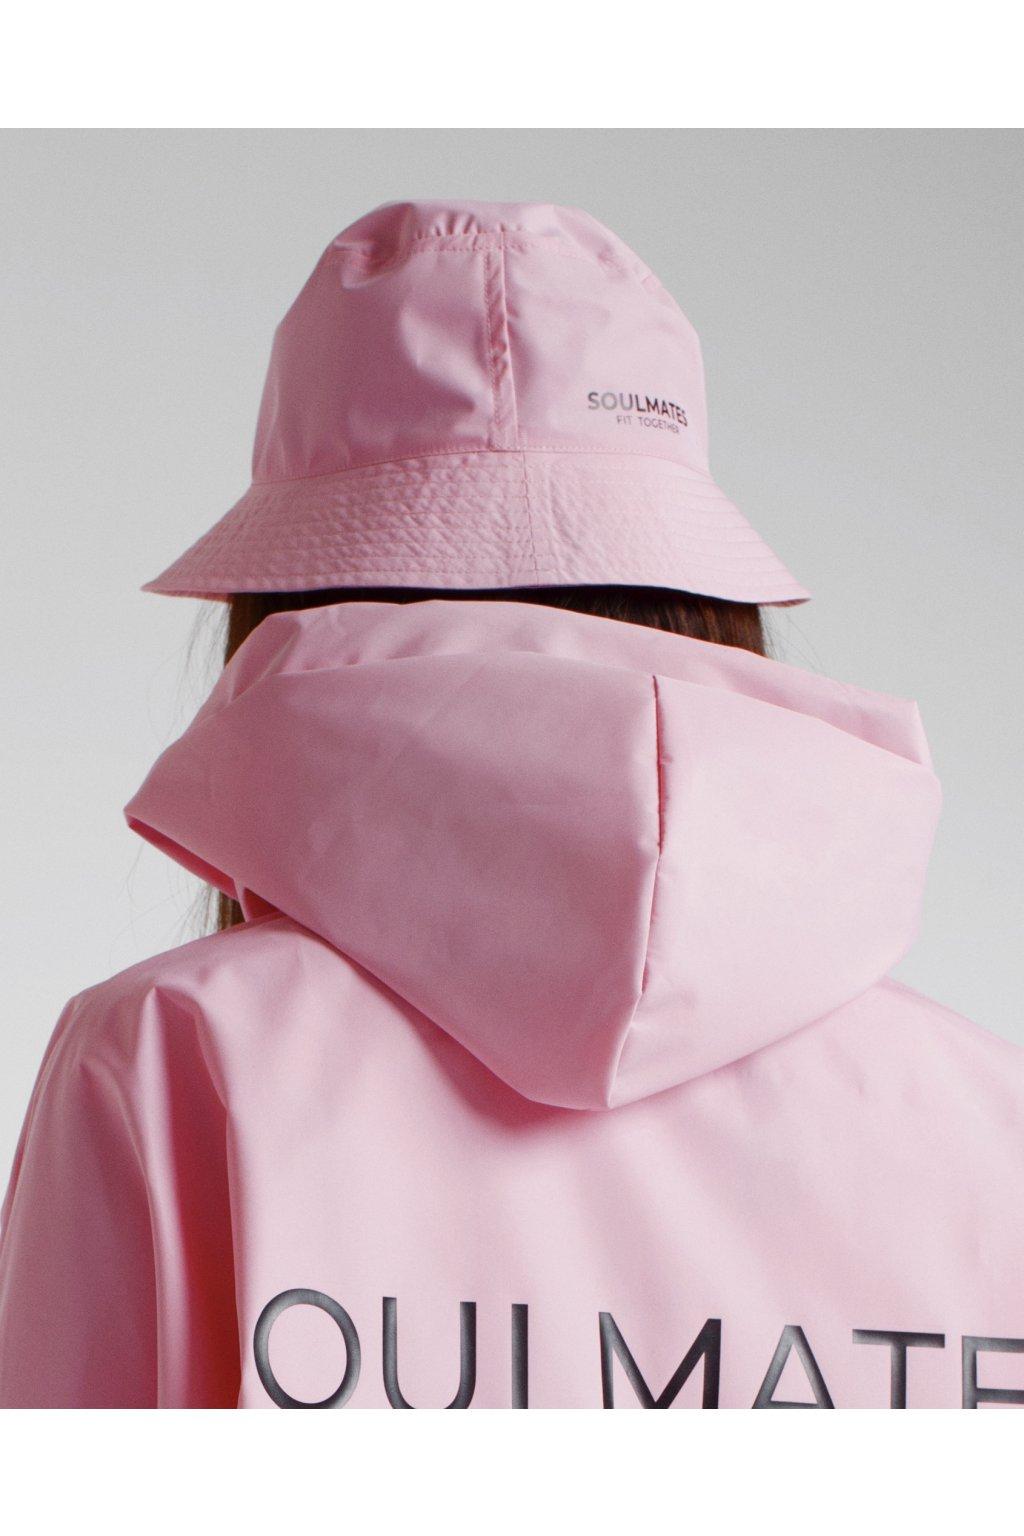 Stylový klobouček SOULMATES • light pink / světle růžový